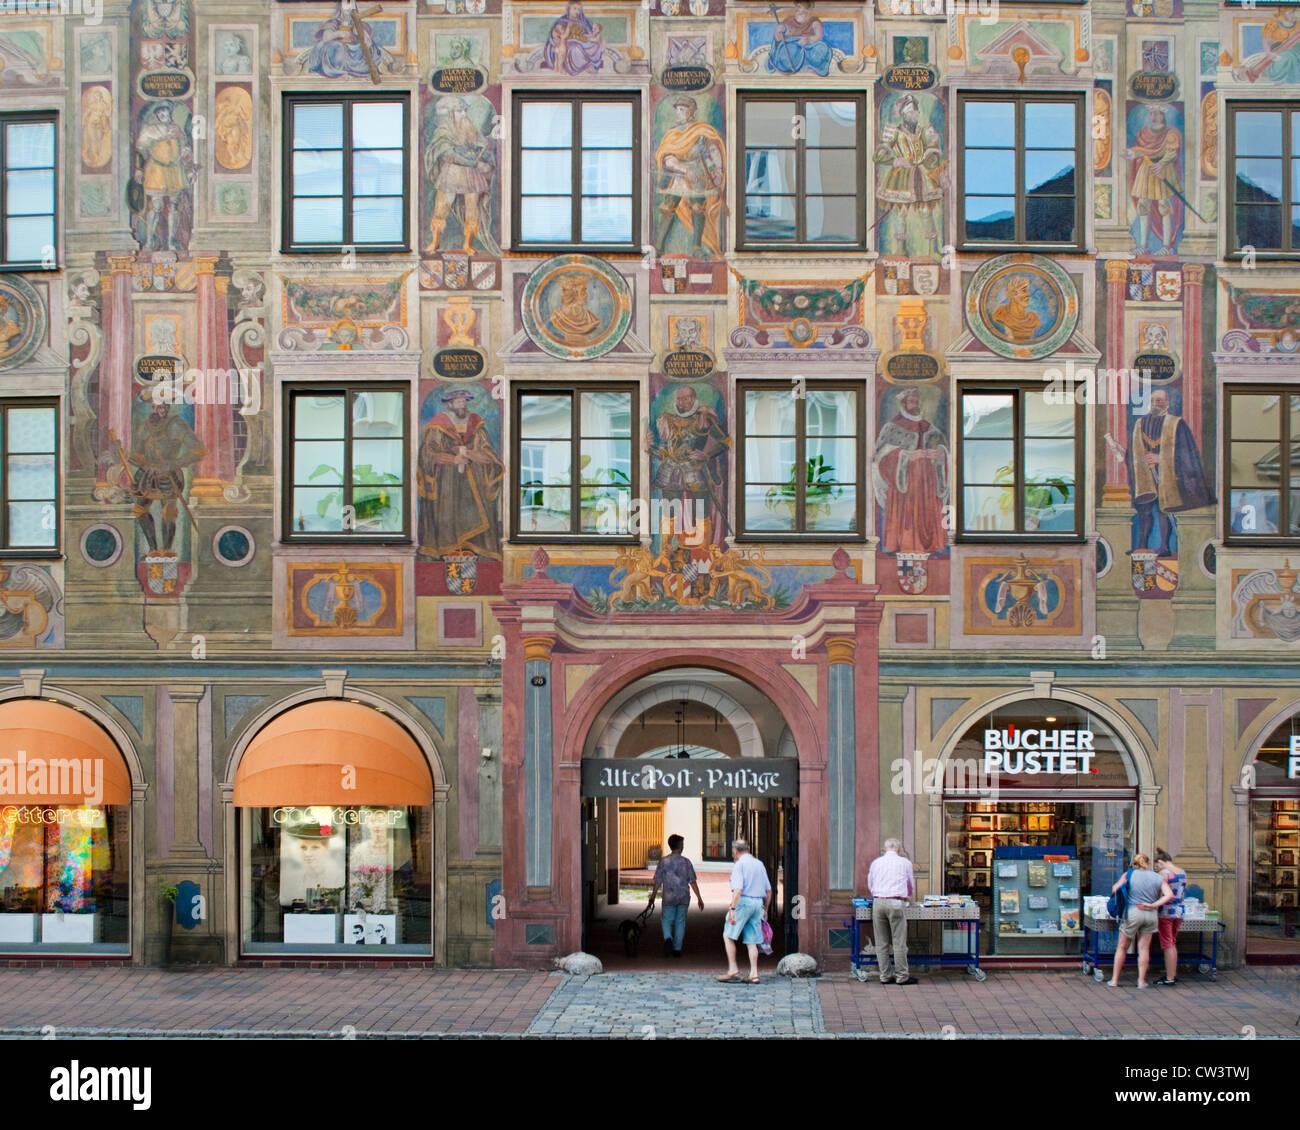 DE - BAVARIA: 'Alte Post' (Postoffice) in the Altstadt of Landshut - Stock Image